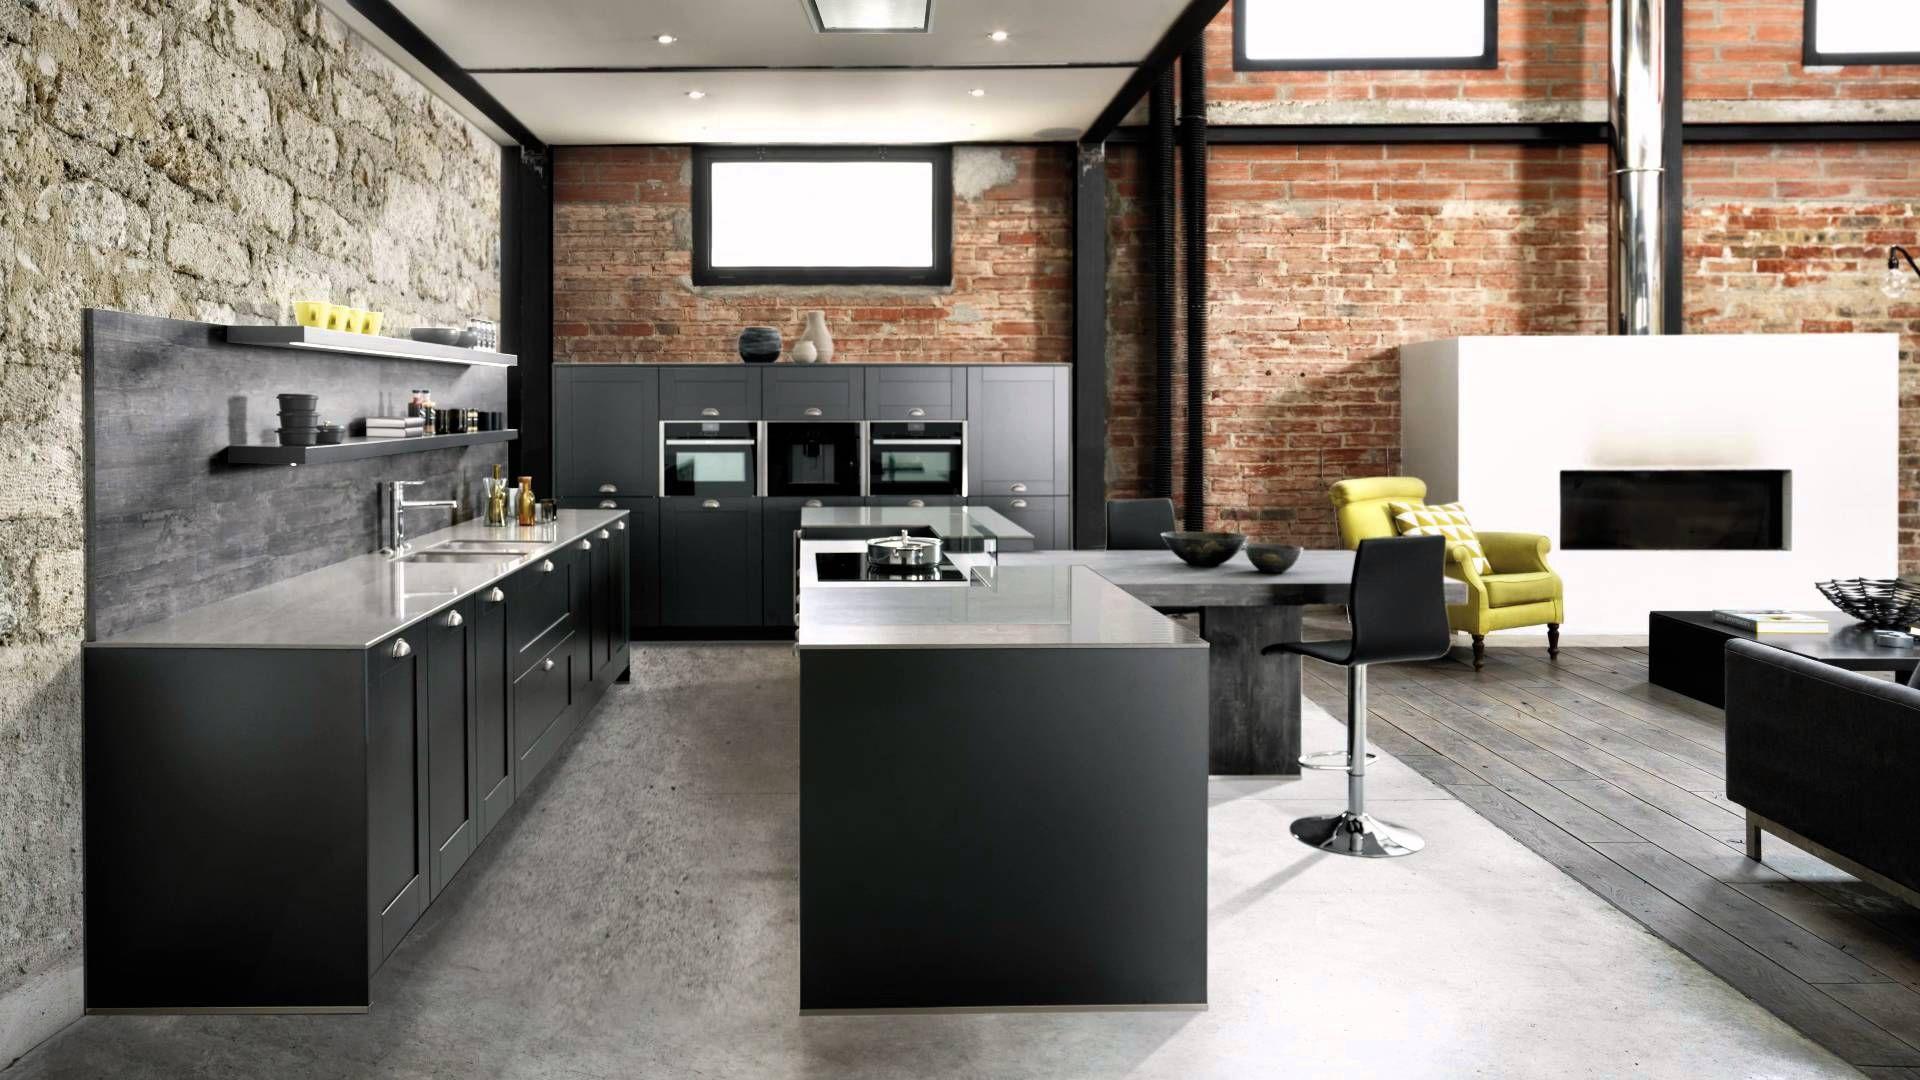 Du noir mat un plan de travail min ral le style industriel vintage assum dans cette cuisine - Cuisine industrielle design ...